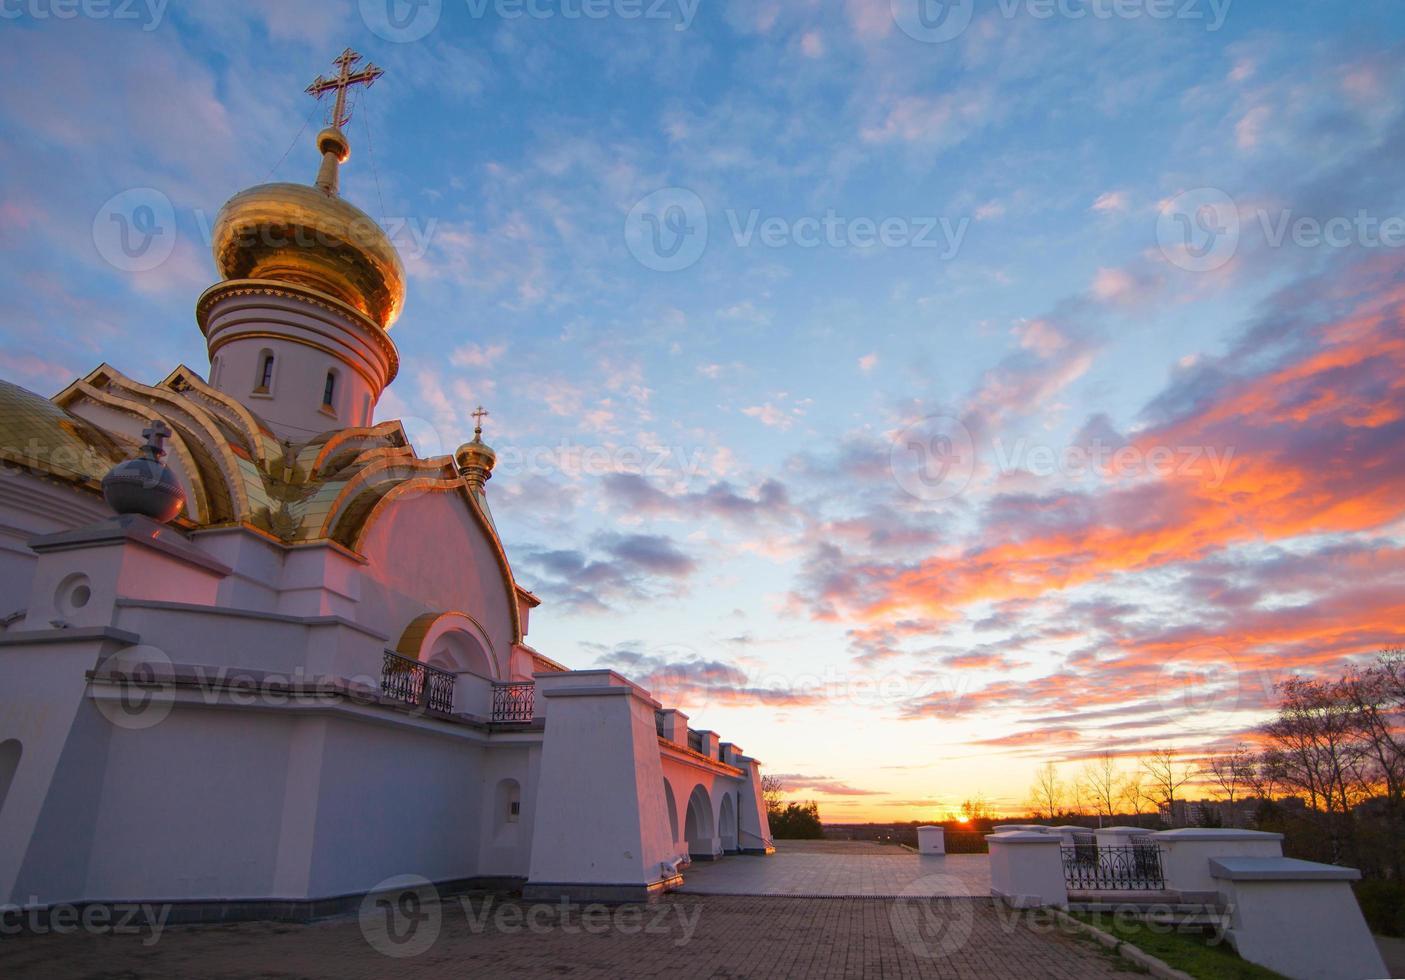 Templo serafim sarovsky en puesta de sol en Khabarovsk, Rusia foto